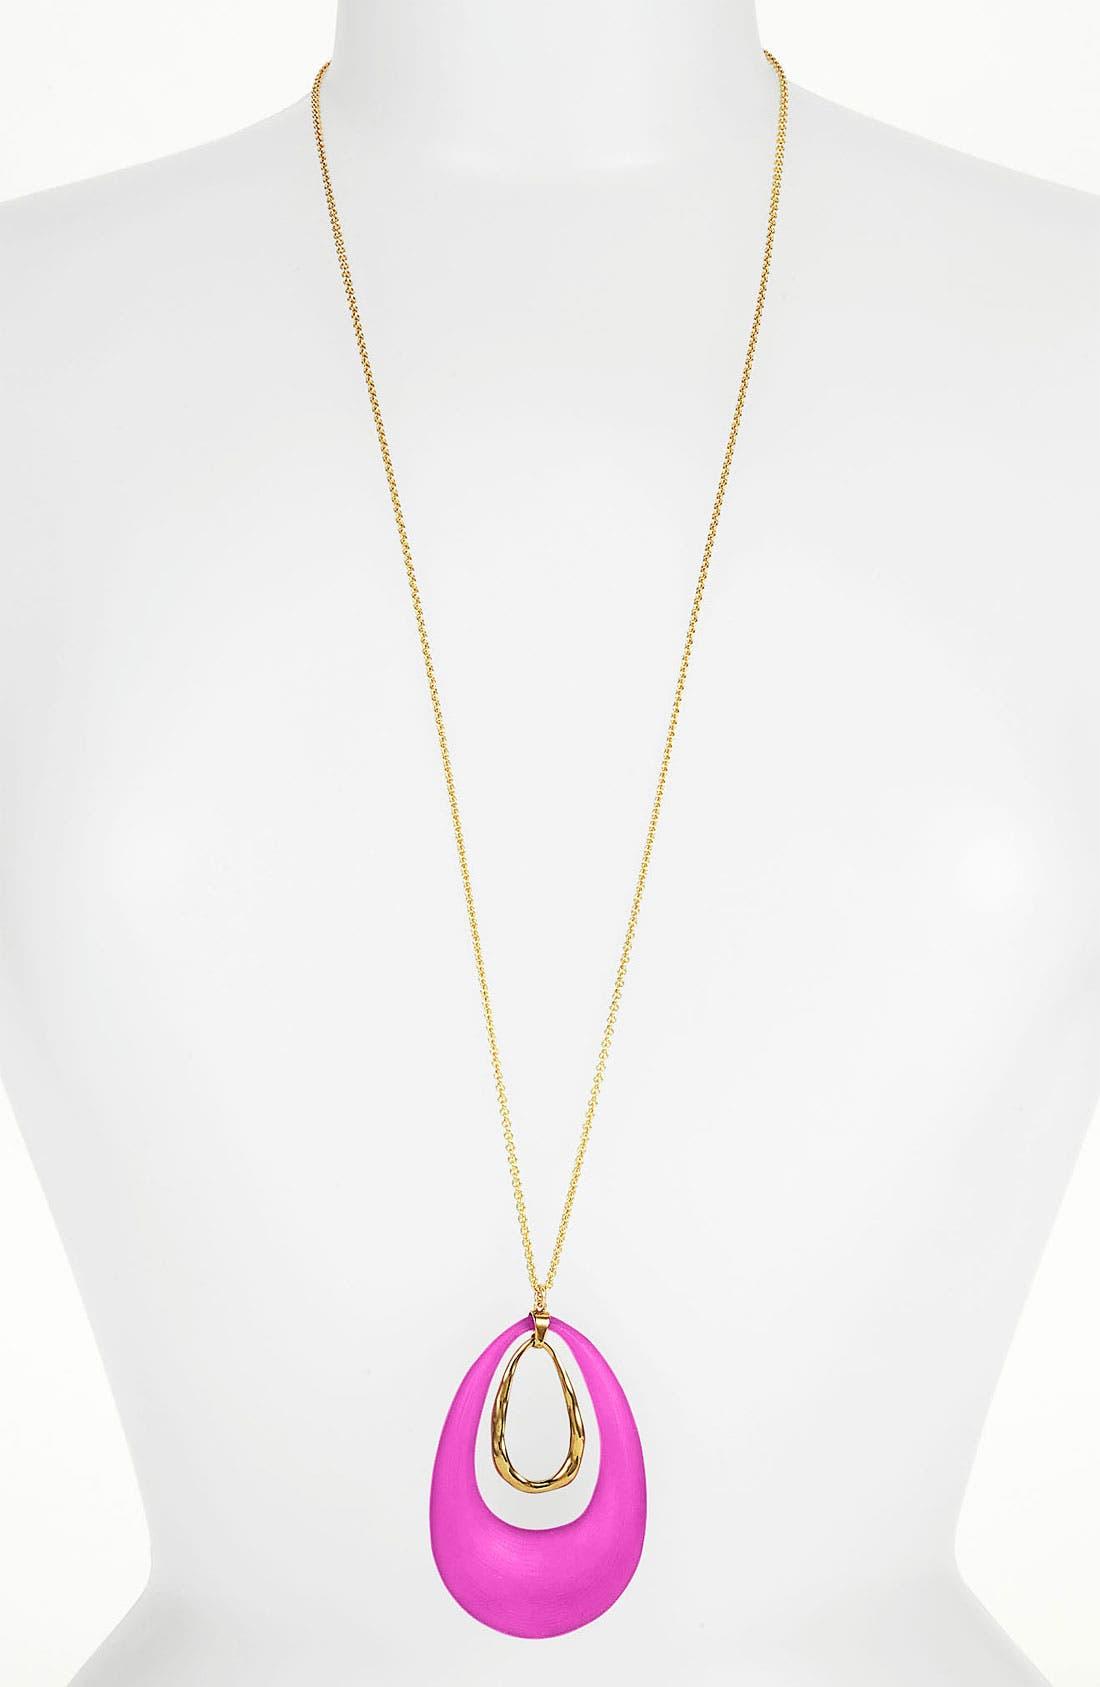 Main Image - Alexis Bittar 'Lucite®' Long Pendant Necklace